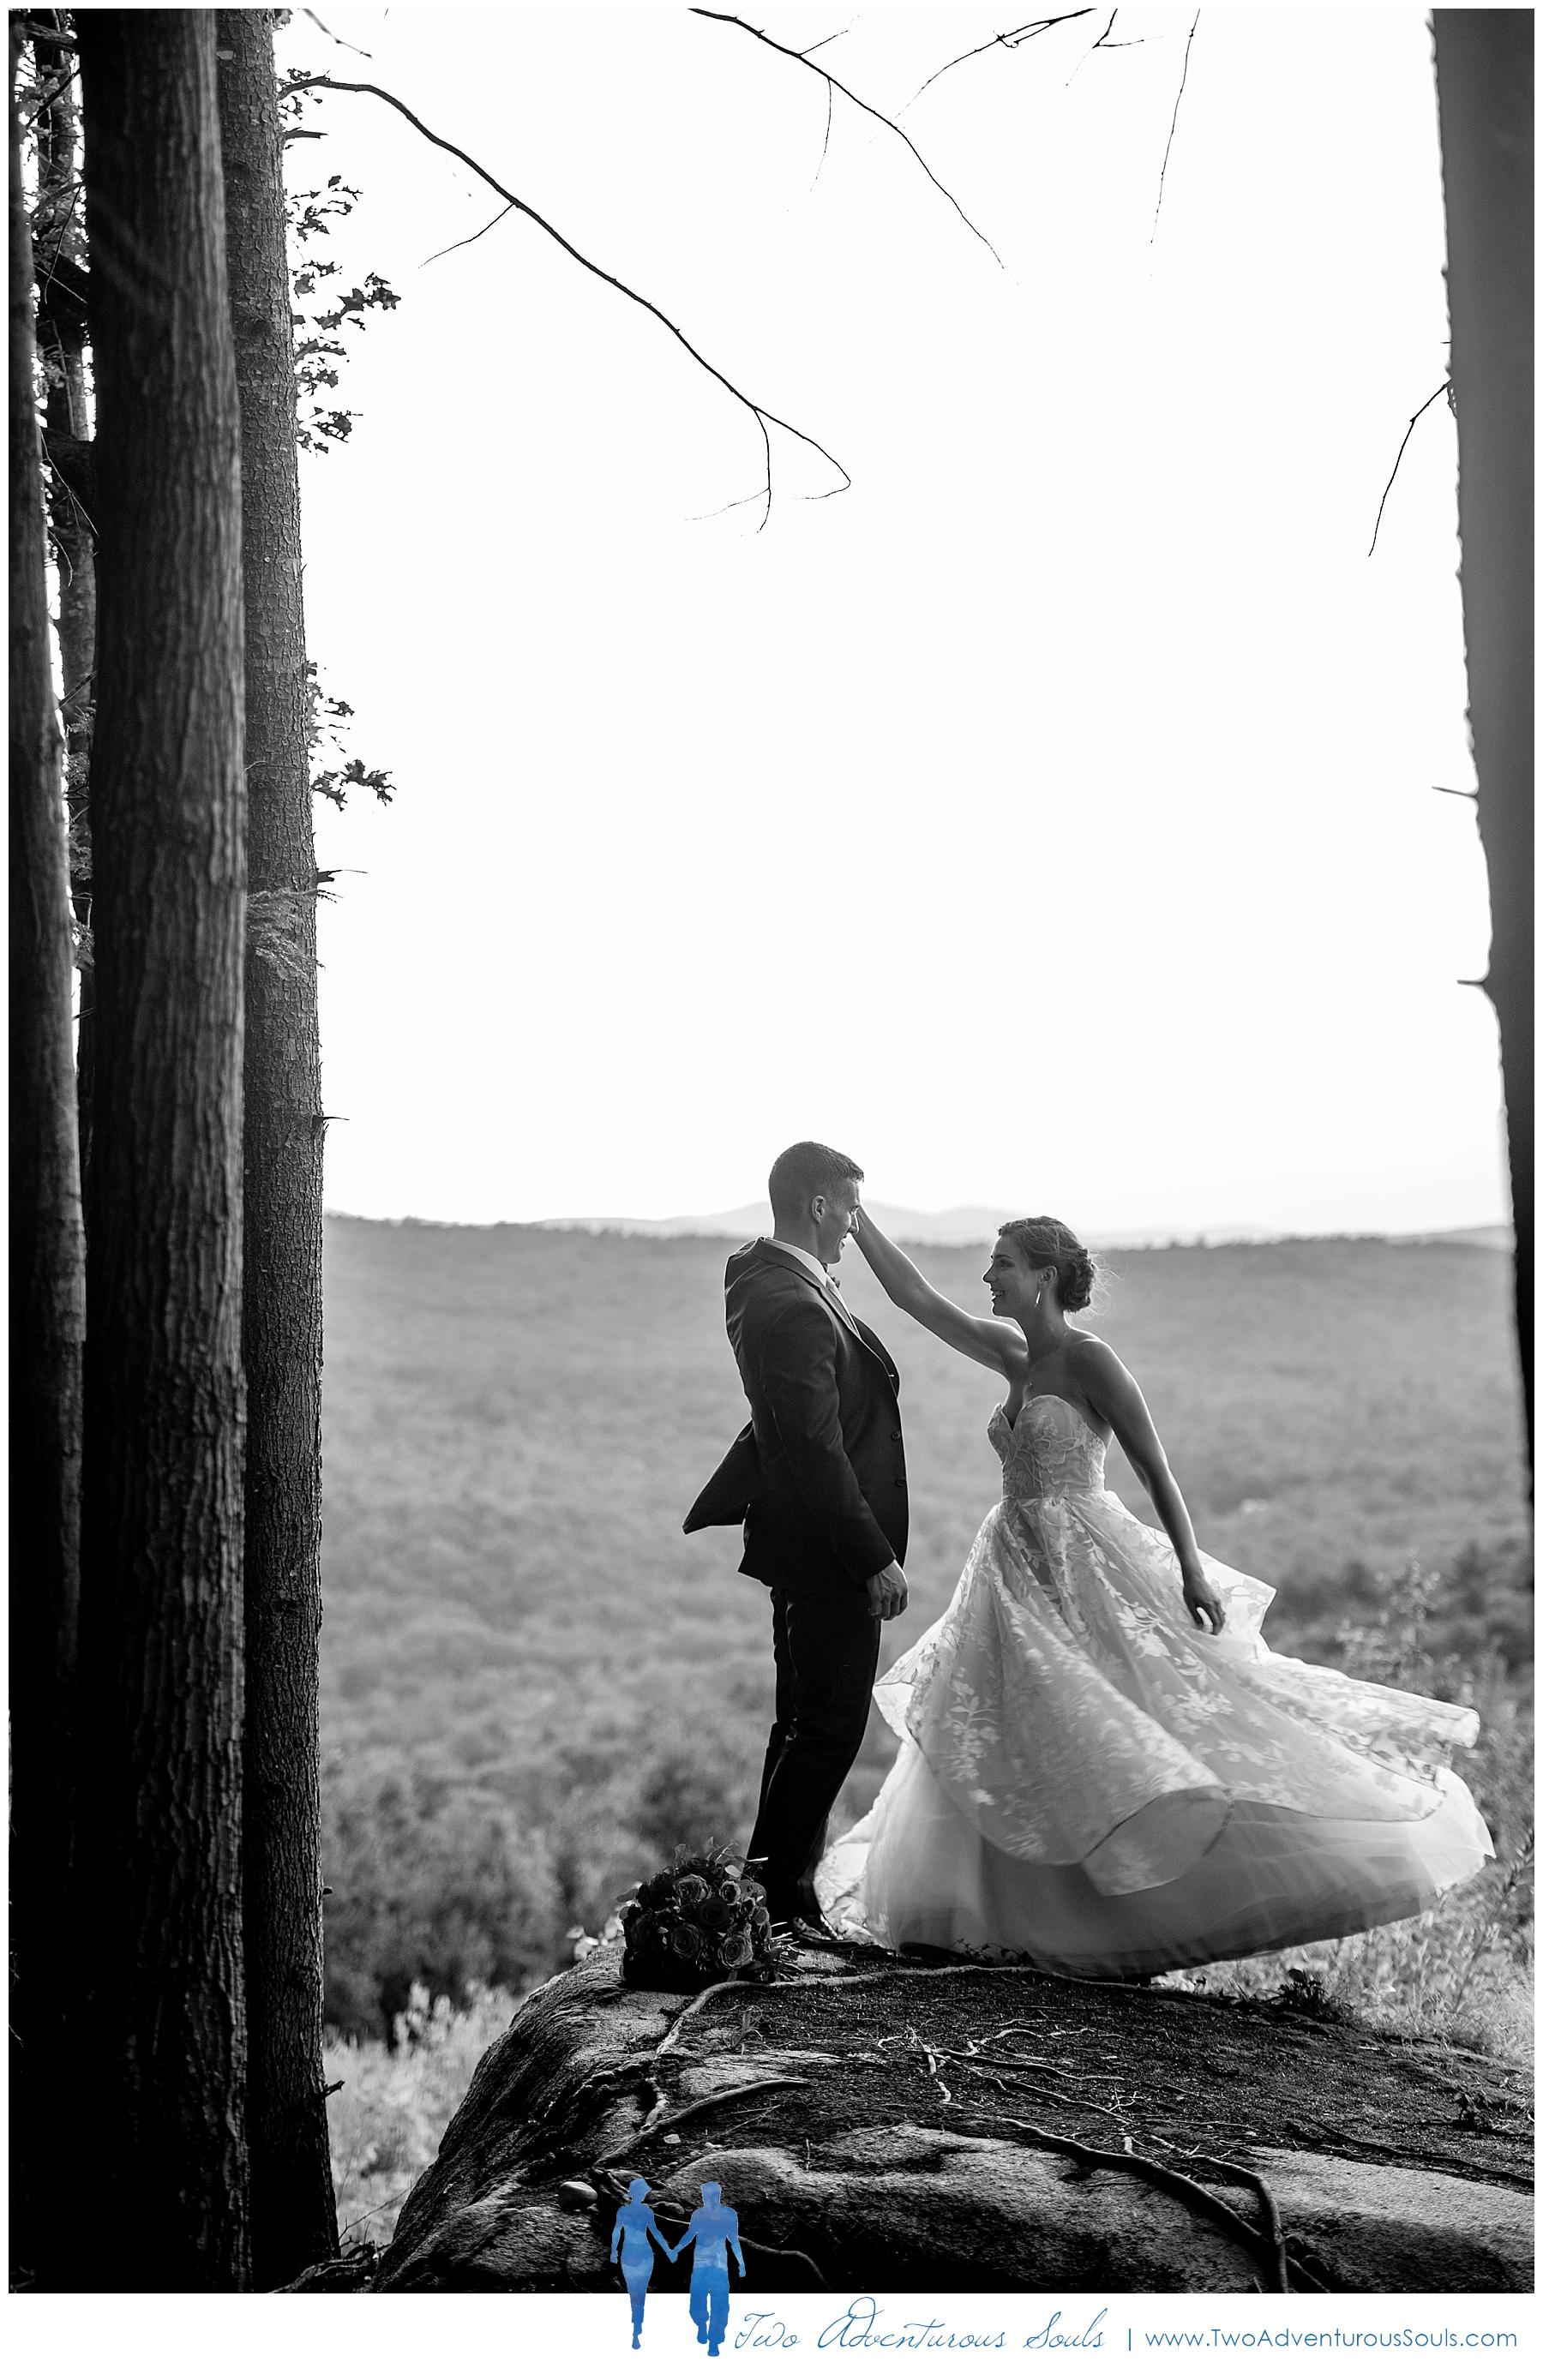 Maine Wedding Photographers, Granite Ridge Estate Wedding Photographers, Two Adventurous Souls - 080319_0065.jpg